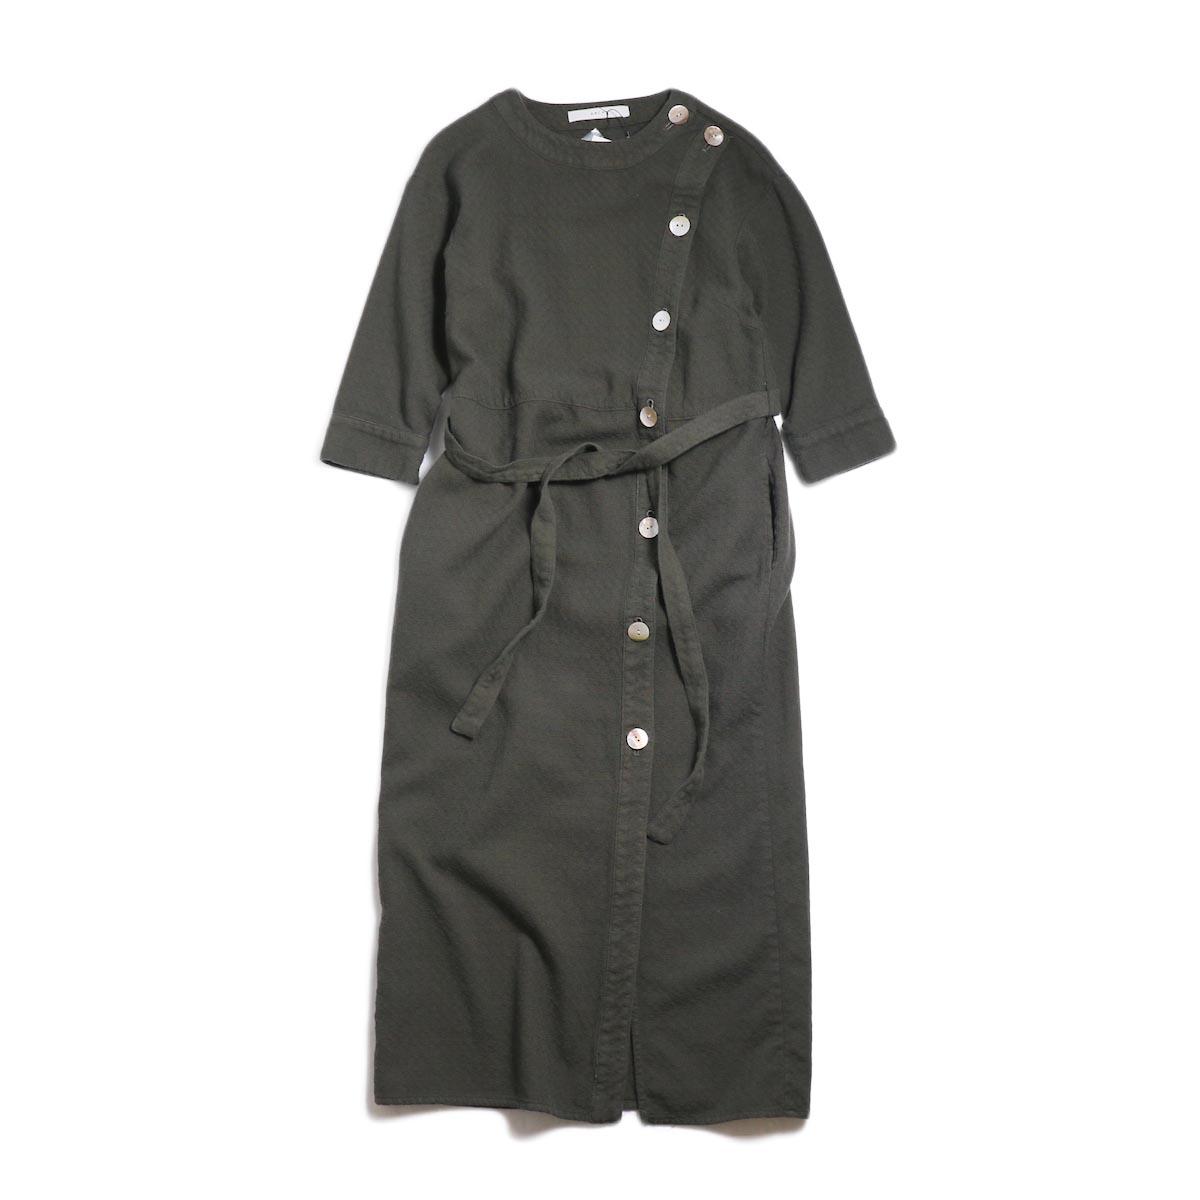 archi / Cuphea Long Shirt -Charcoal Gray